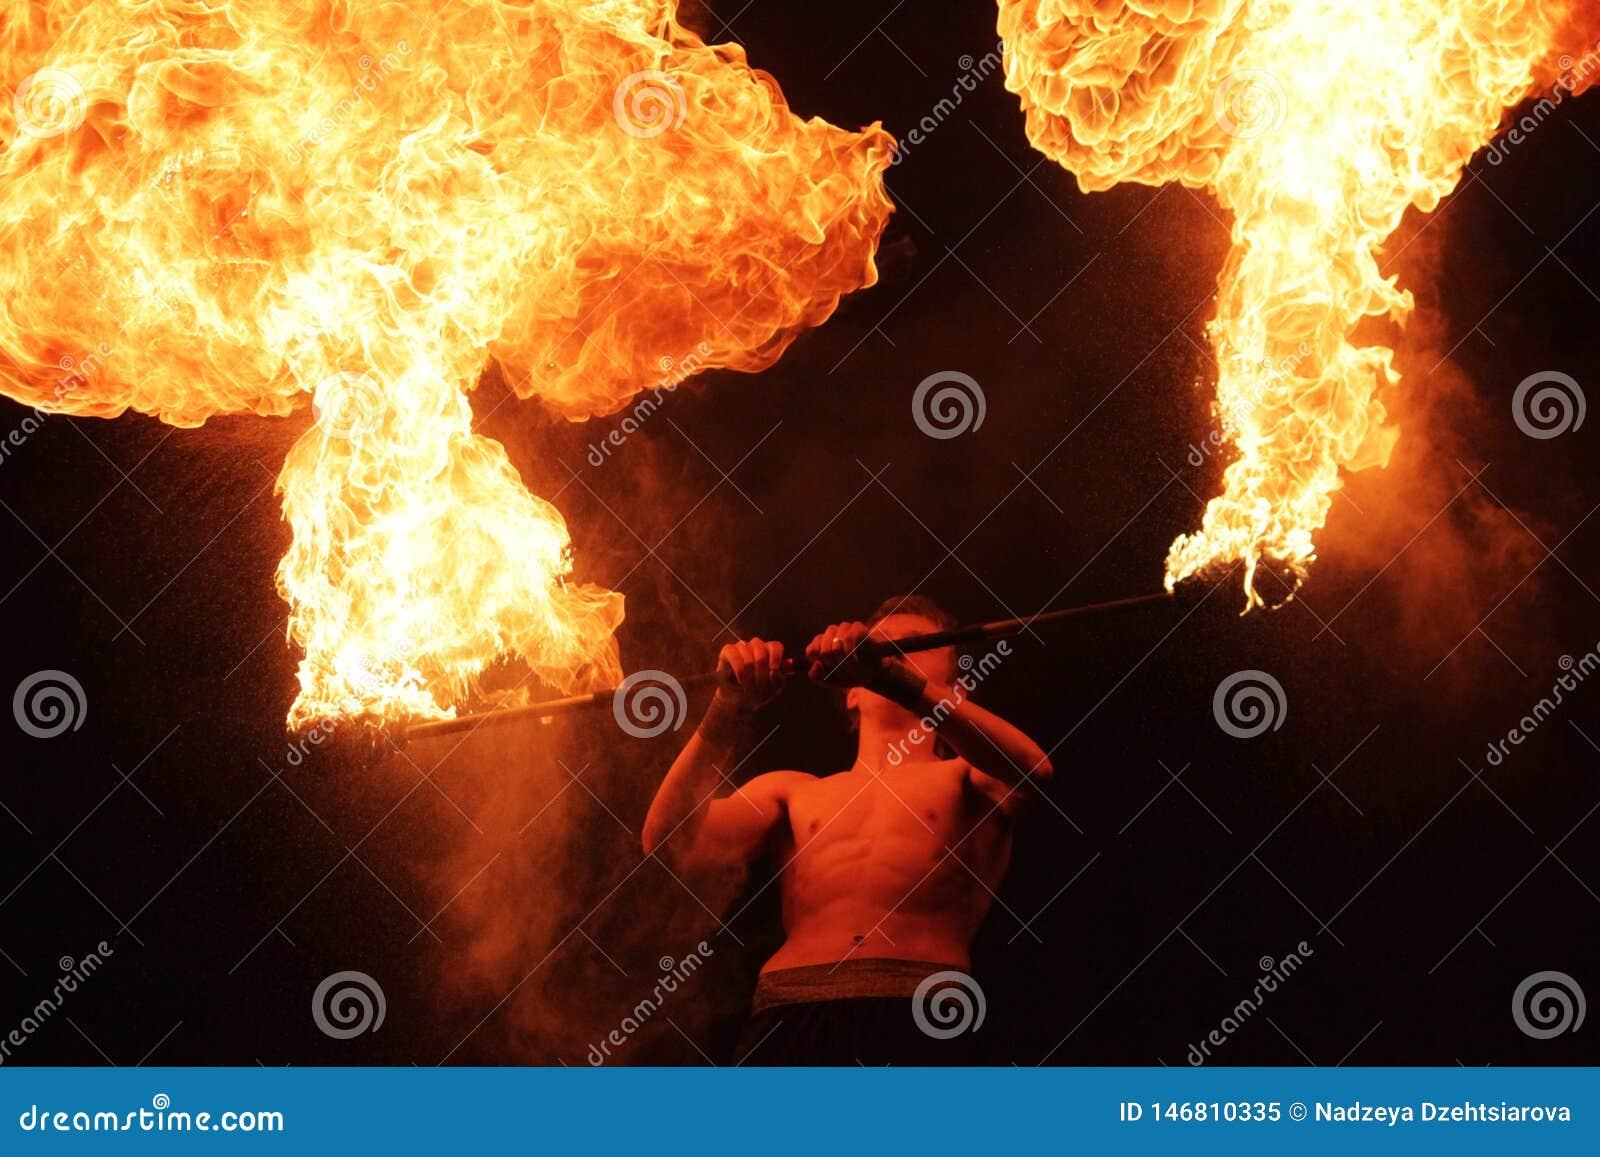 Fakir avec un poteau brûlant